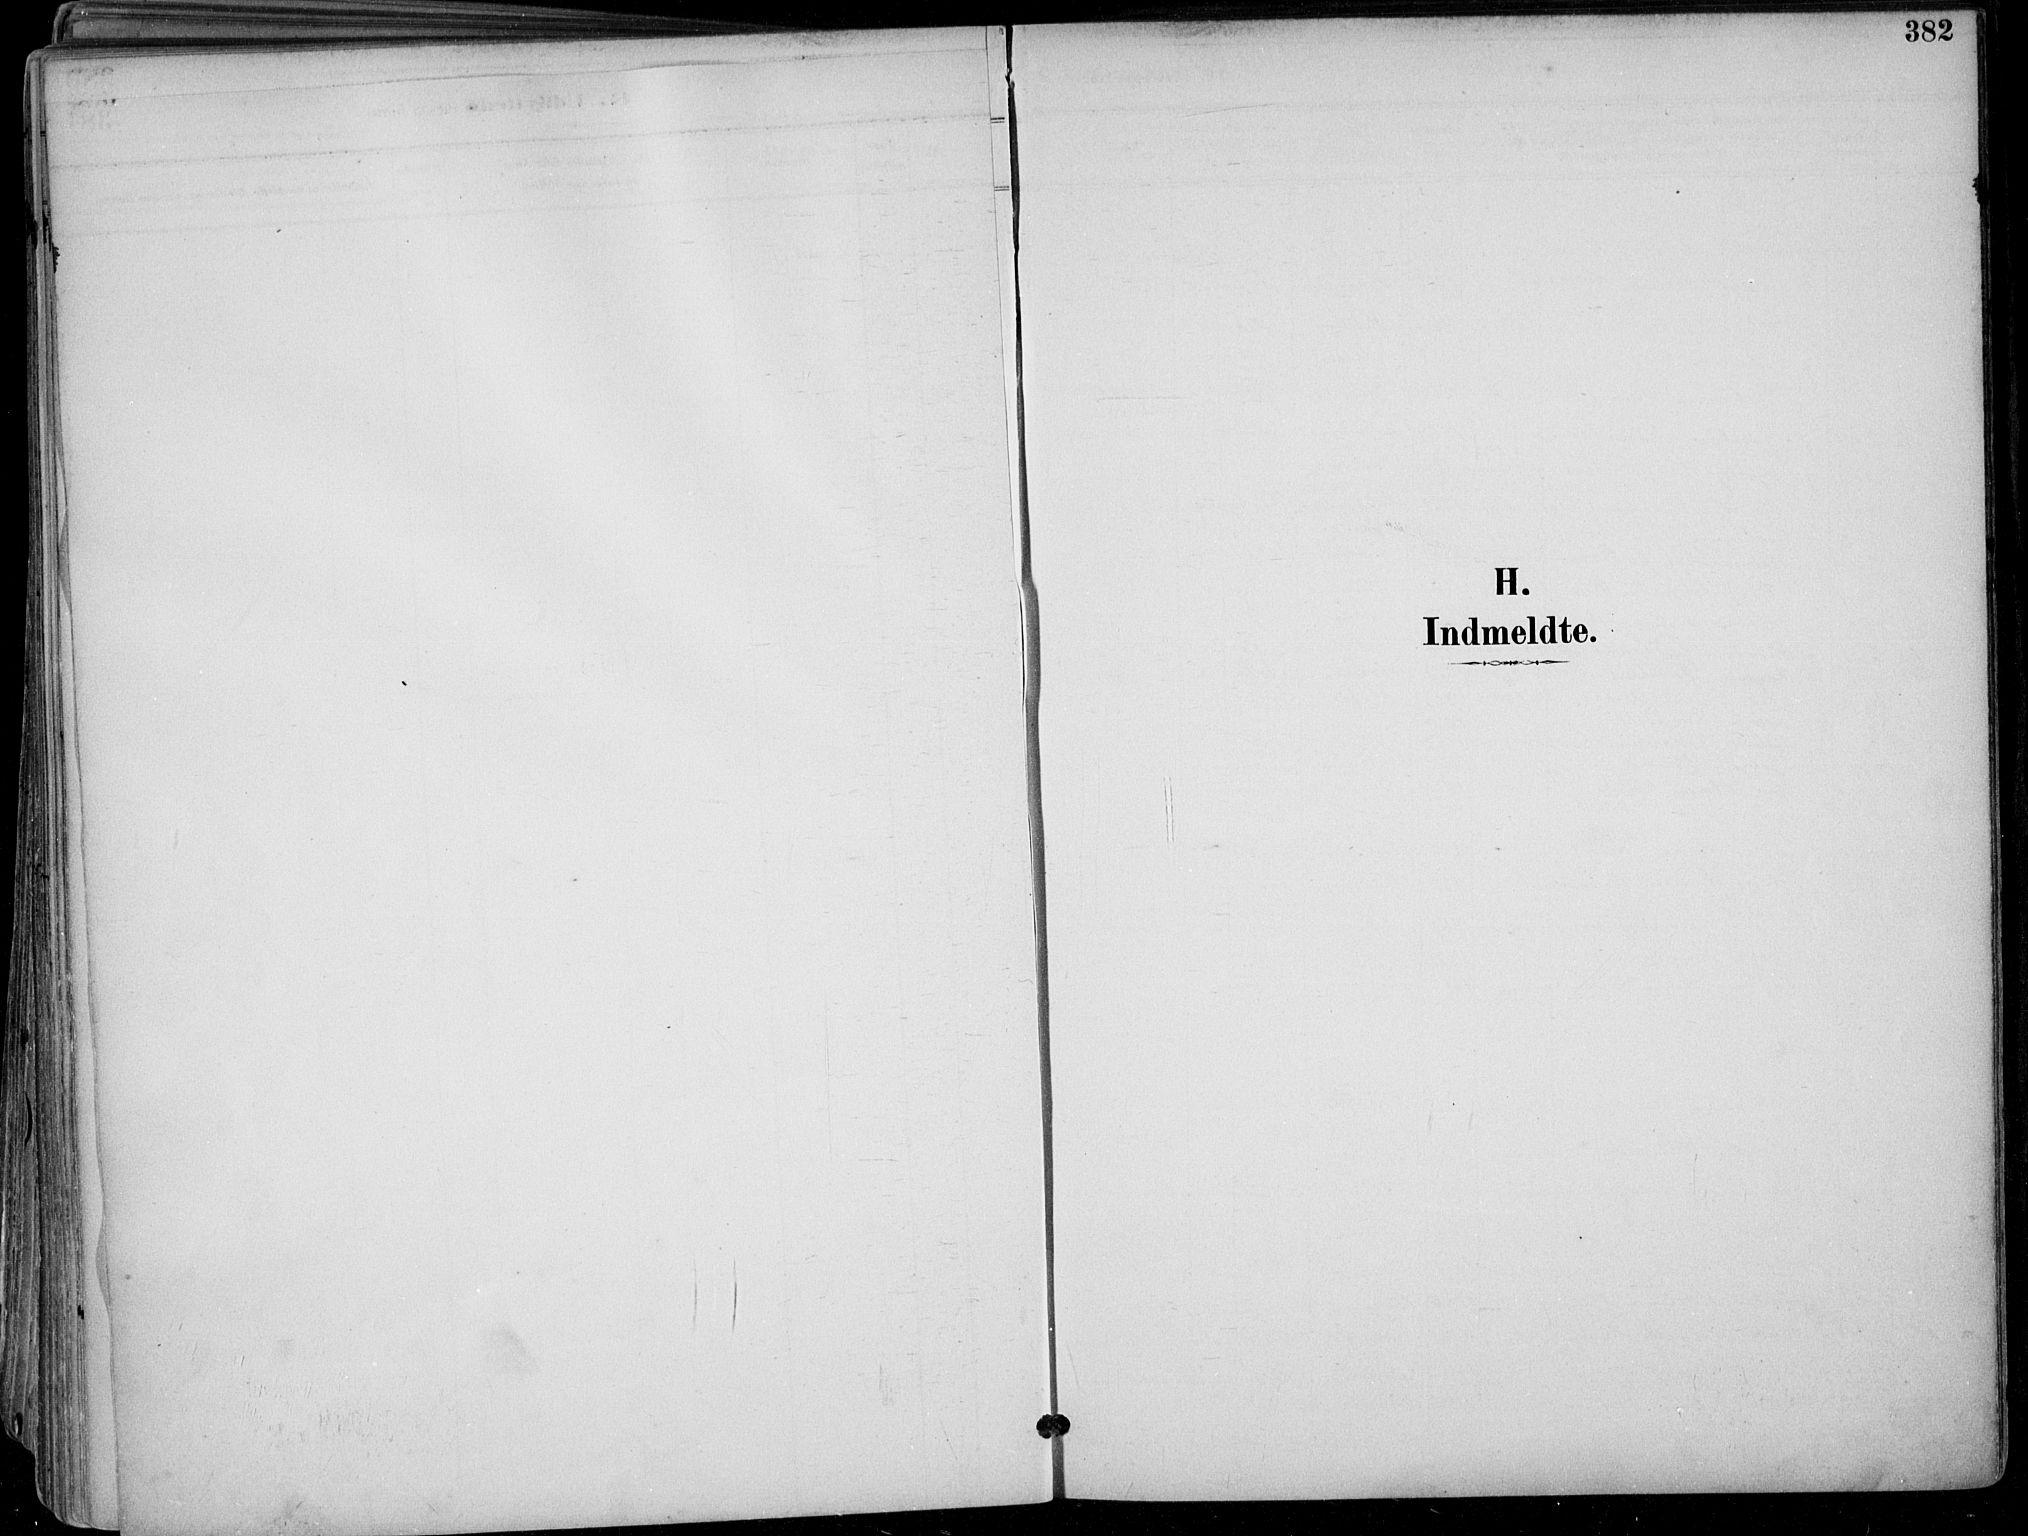 SAKO, Skien kirkebøker, F/Fa/L0010: Ministerialbok nr. 10, 1891-1899, s. 382